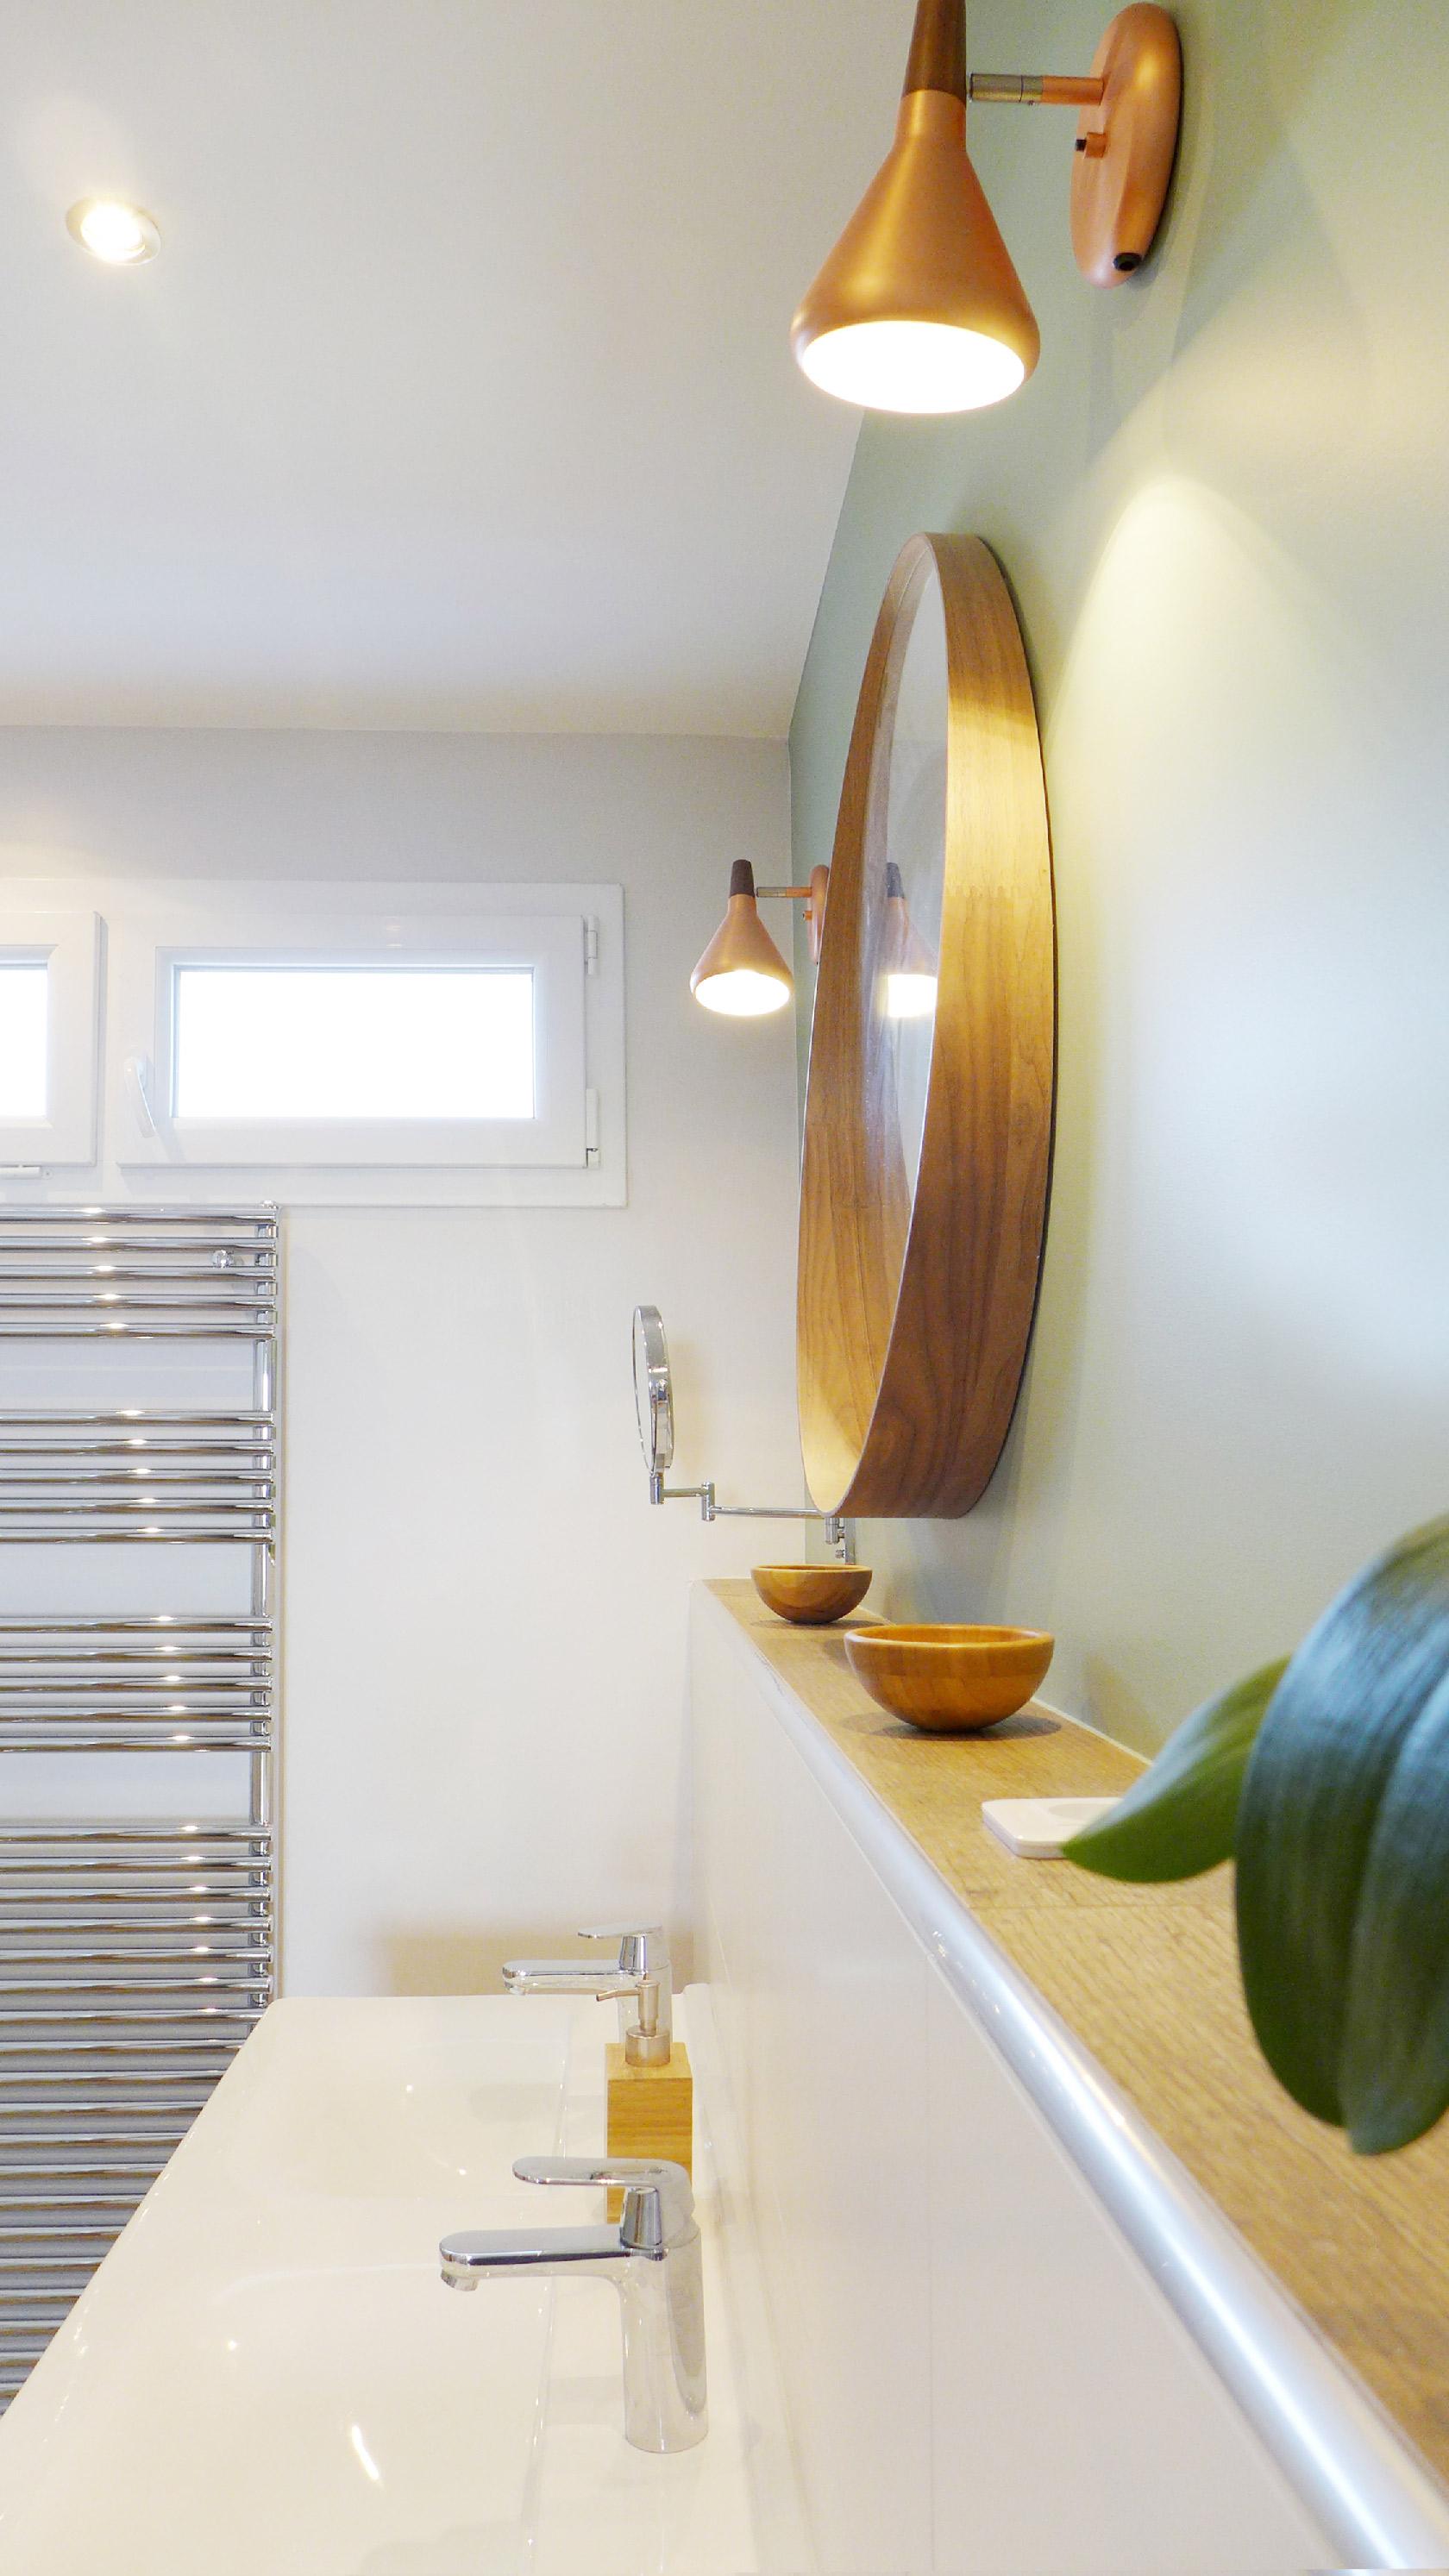 La double vasque en bois est posée sur un muret, surplombé d'un miroir. Le mur est peint en vert amande.